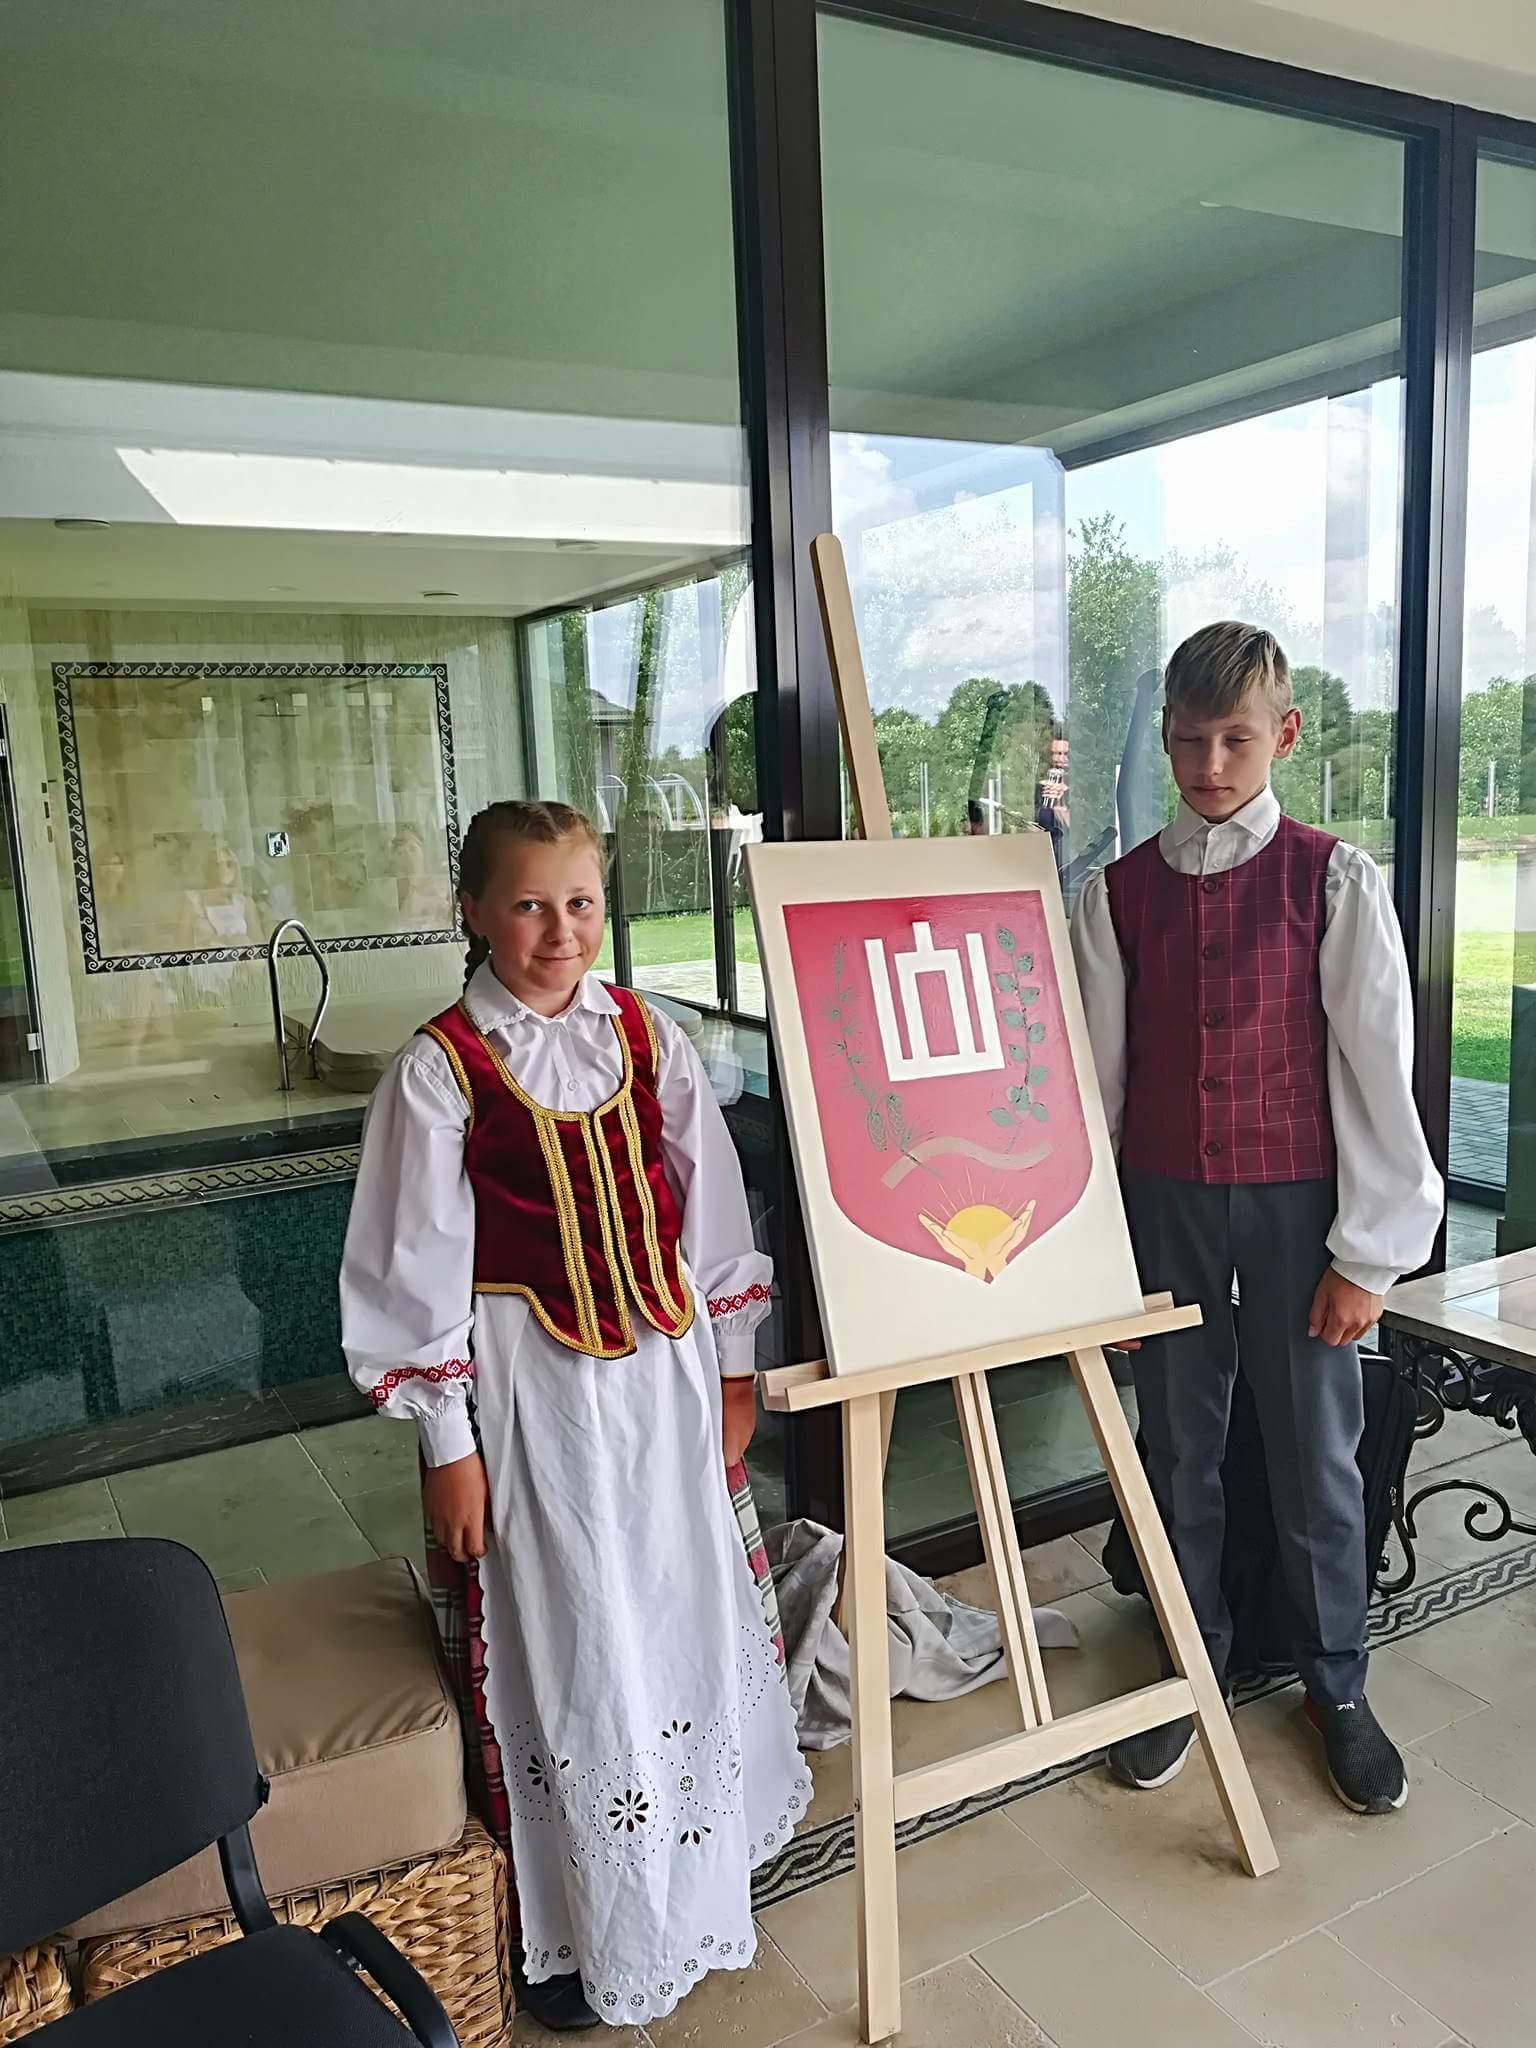 Tautiniais drabužiais pasipuošę jaunieji bendruomenės nariai pristatė Gediminaičių. Bendruomenės nuotr.